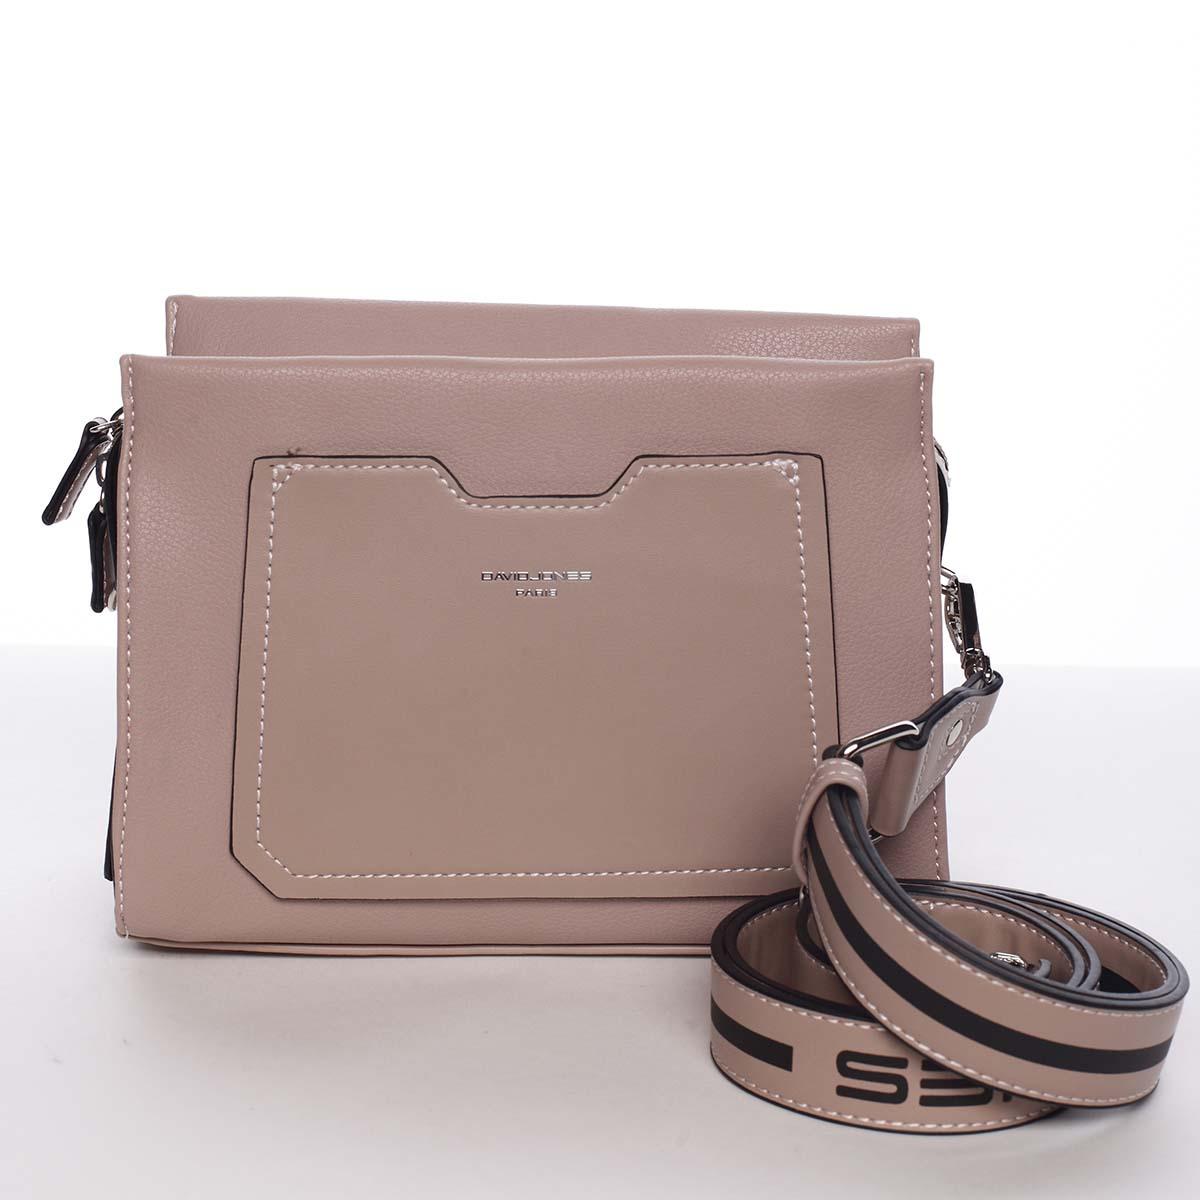 Dámská starorůžová crossbody kabelka s kapsičkou - David Jones Angeli růžová